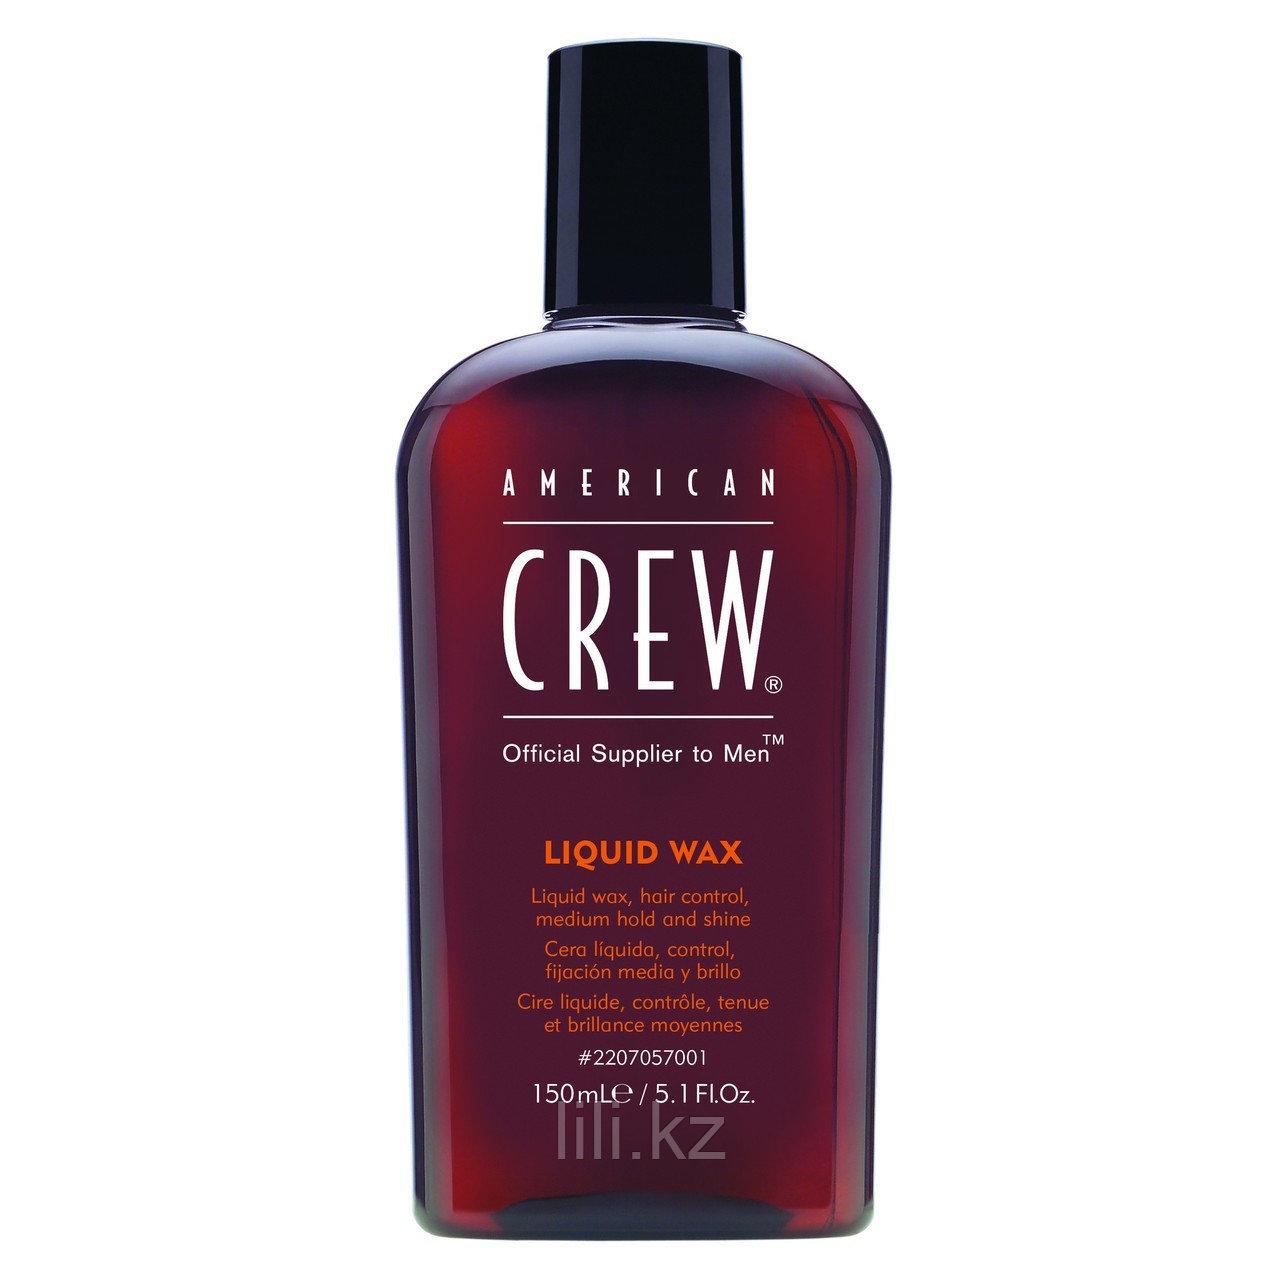 Жидкий воск для волос - American Crew Liquid Wax 150 мл.